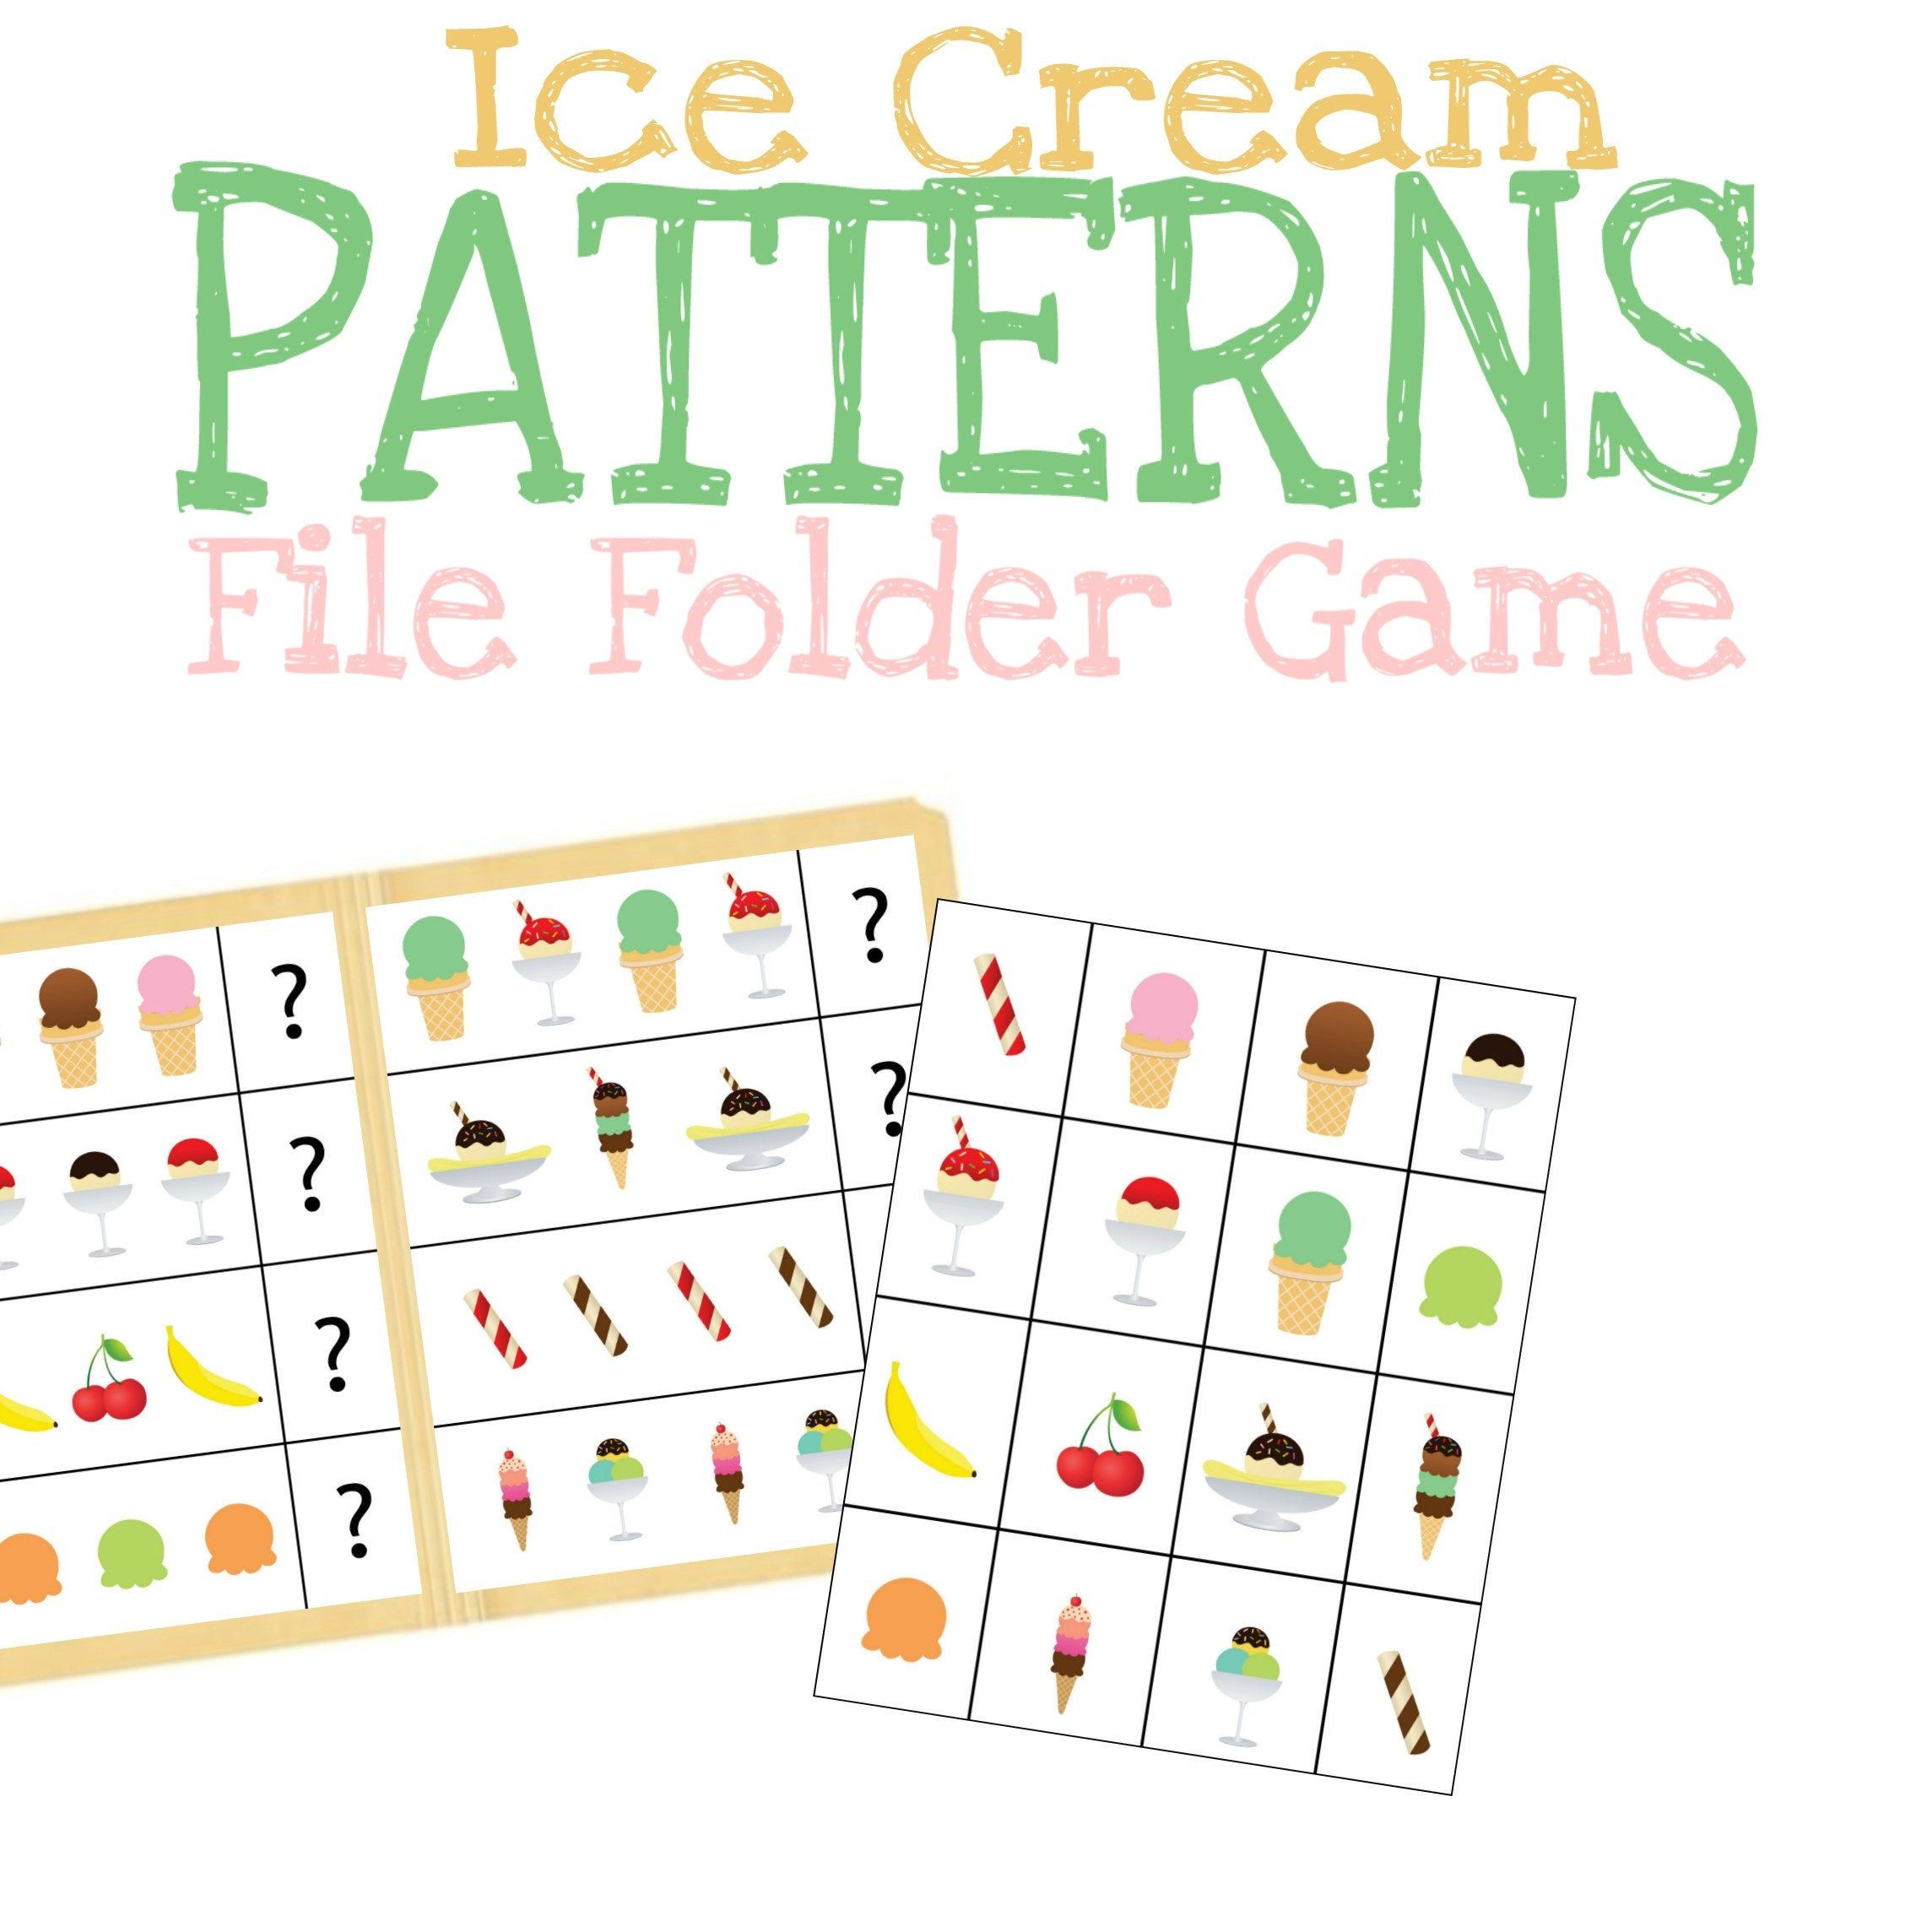 Patterns File Folder Game Printable Learning Worksheet Etsy File Folder Games Preschool Activity Learning Worksheets [ 2289 x 2289 Pixel ]